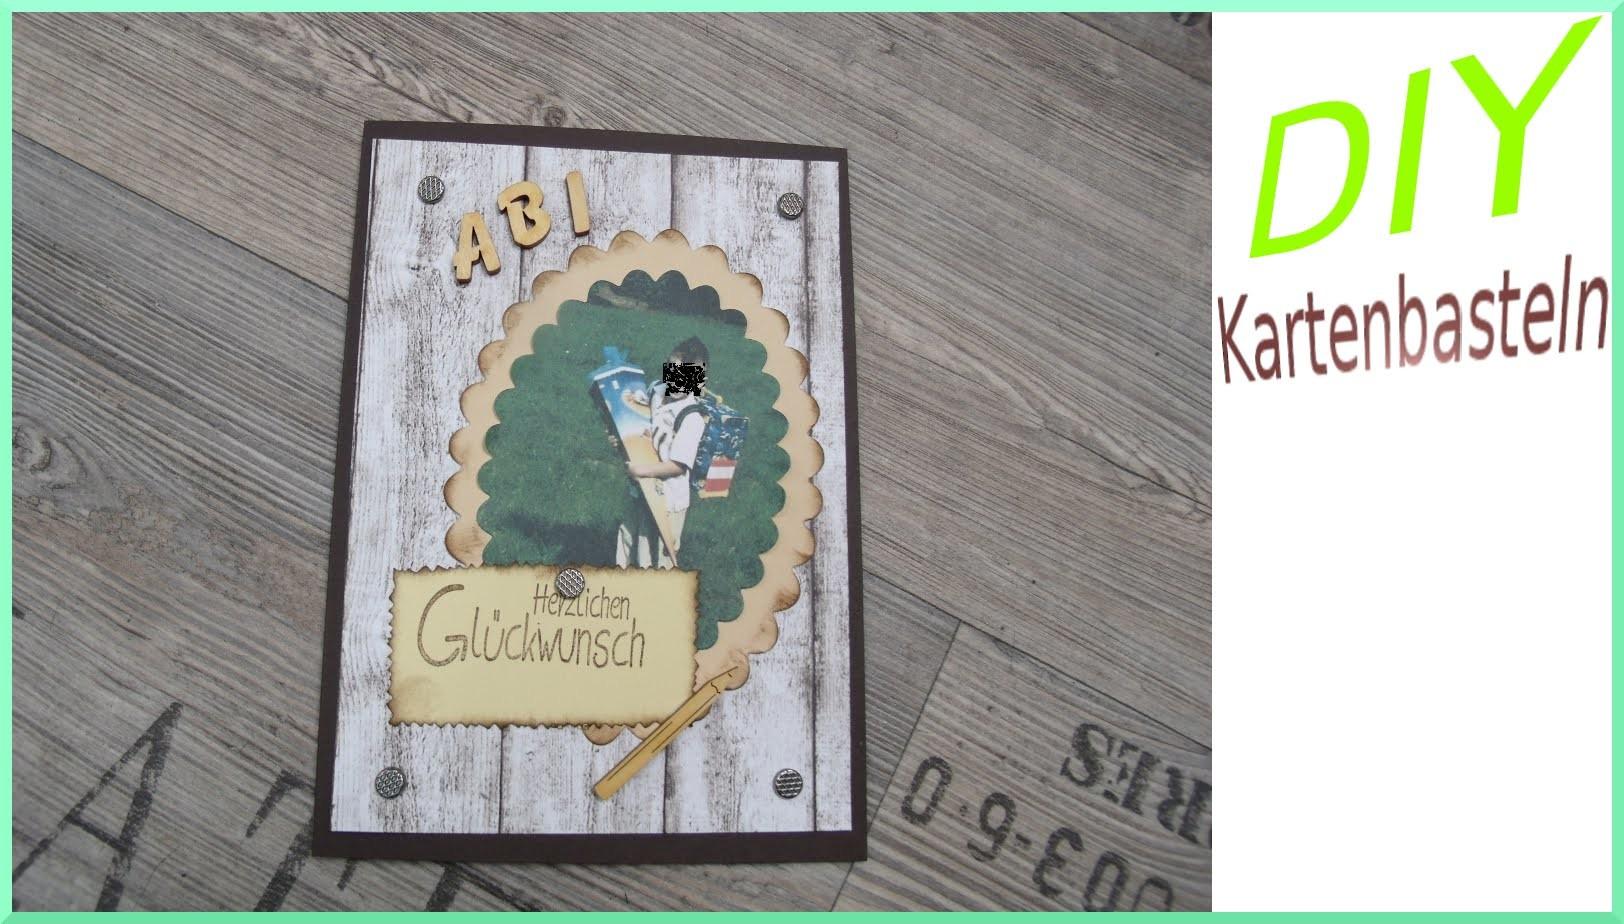 Karte zum ABI basteln DIY - mit Scalloped Oval - cardmaking